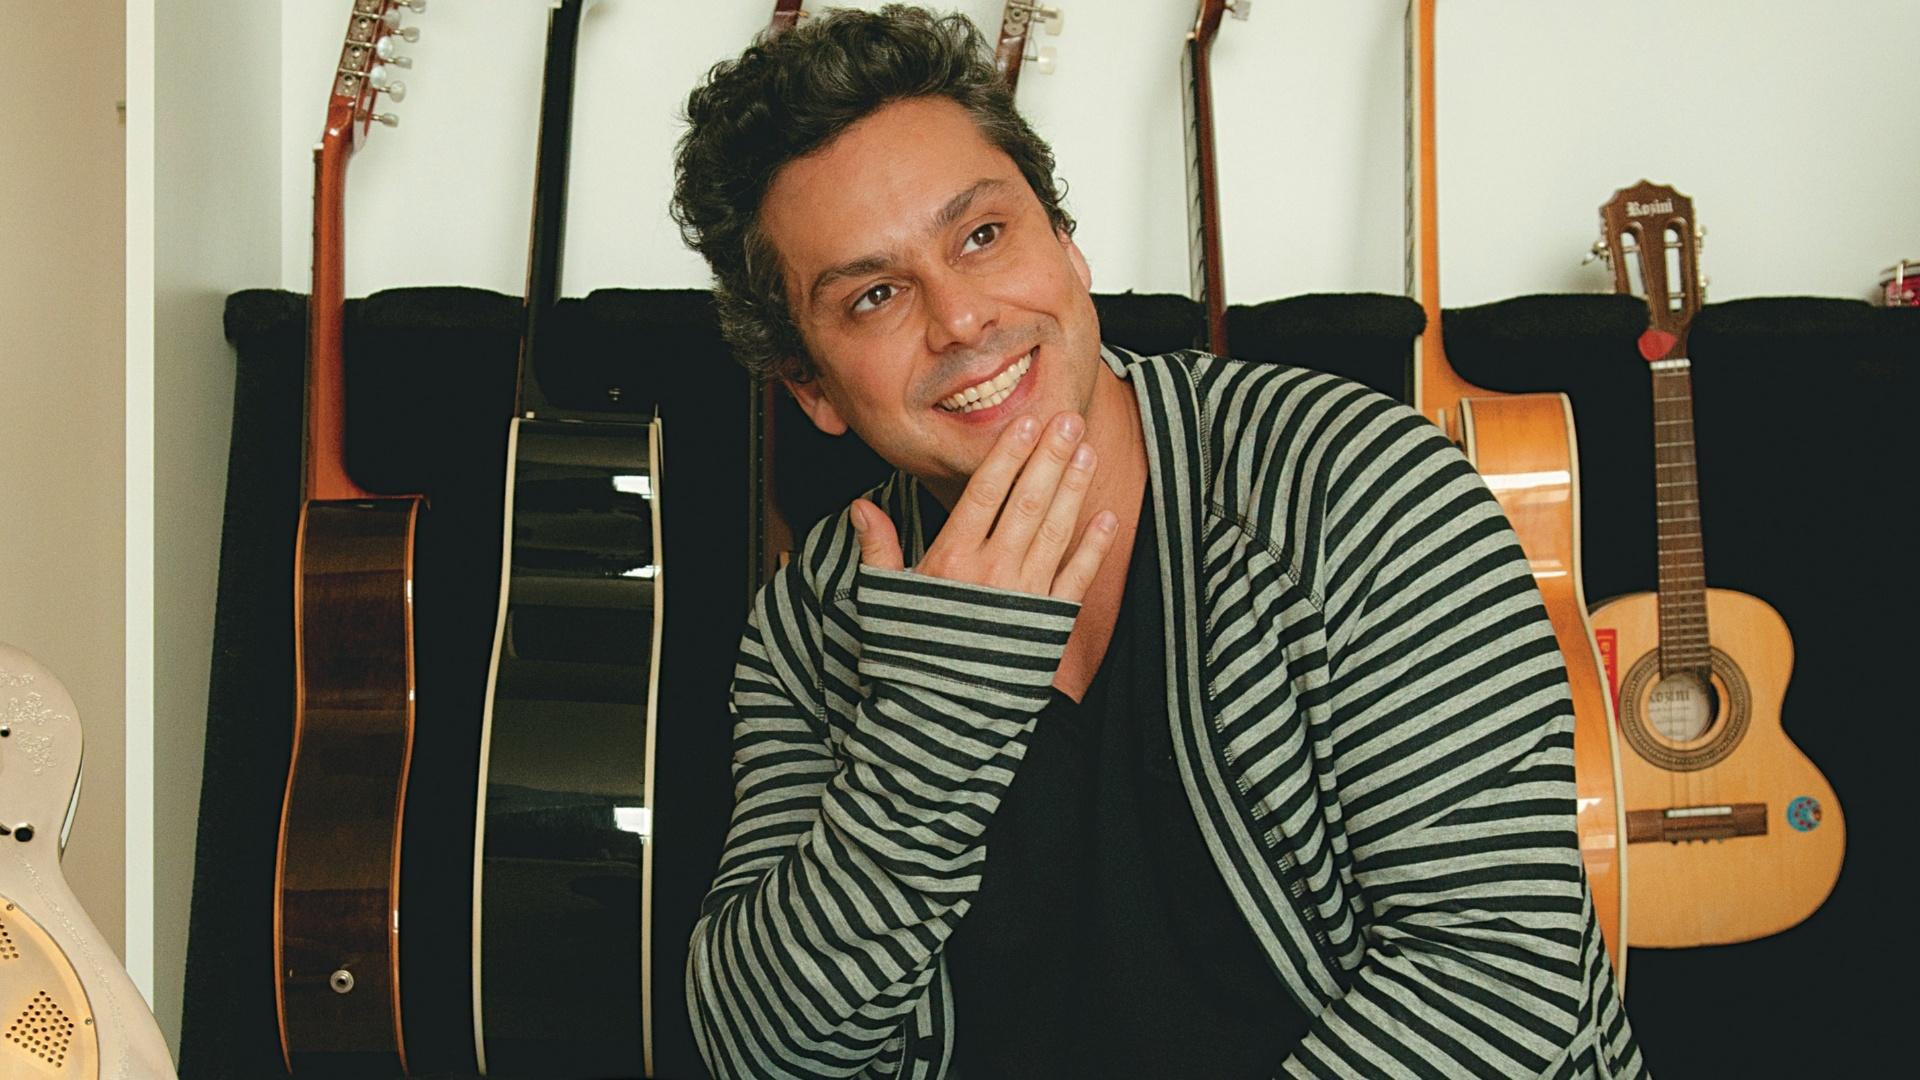 O ator Alexandre Nero em ensaio para a revista